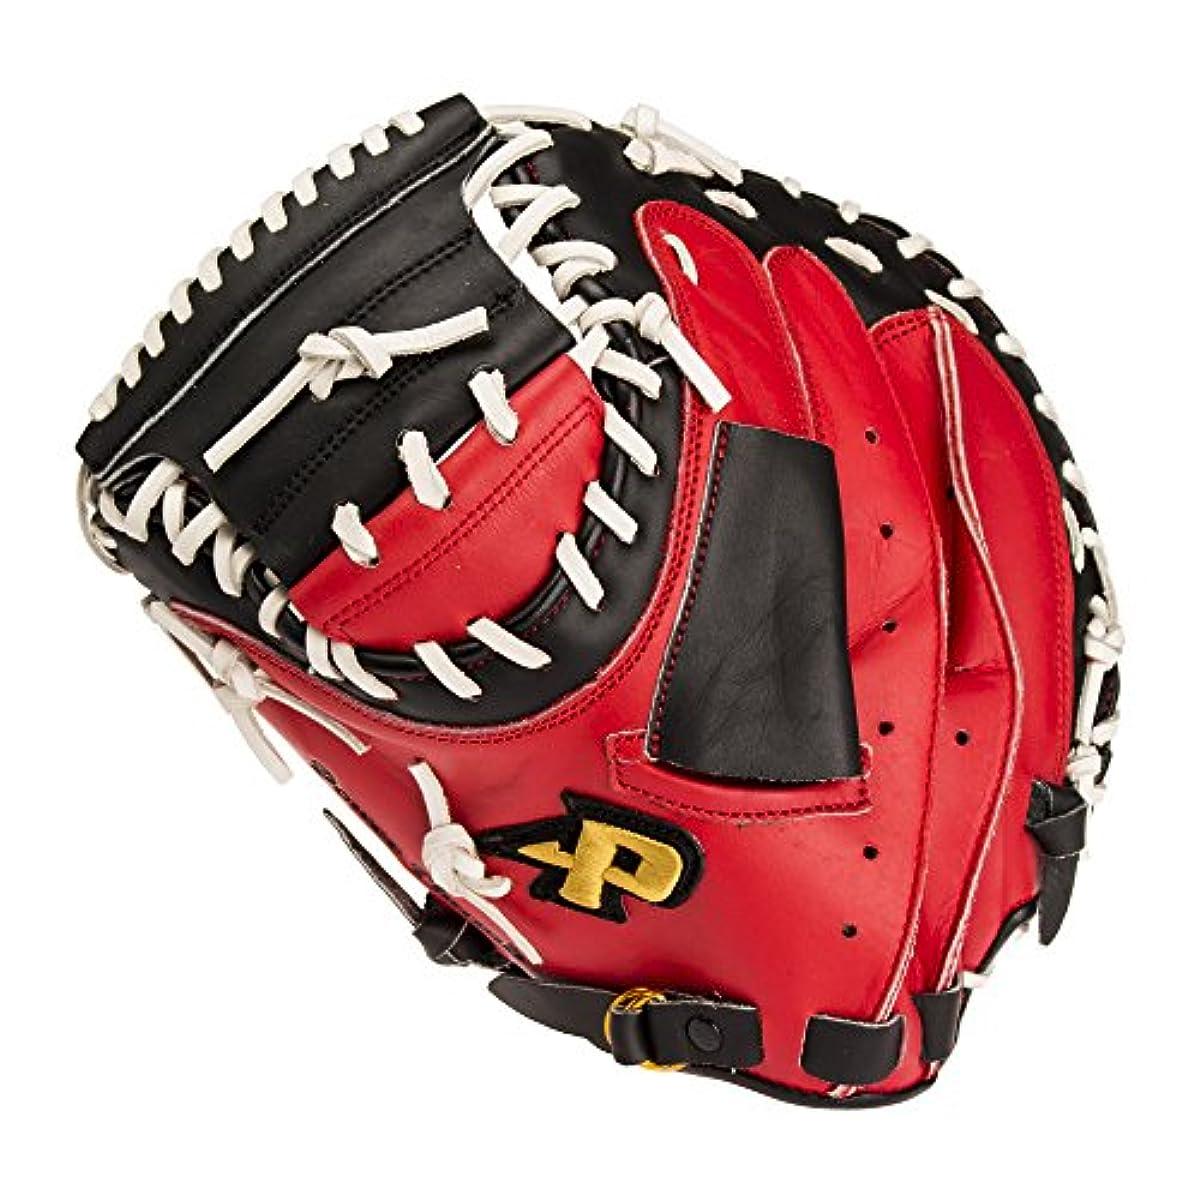 [해외] 사쿠라 이 무역SAKURAI PROMARK프로 마크 야구 일반 연식용 글러브글러브 캐쳐 미트 왼손잡이용 PCM-4253 RH